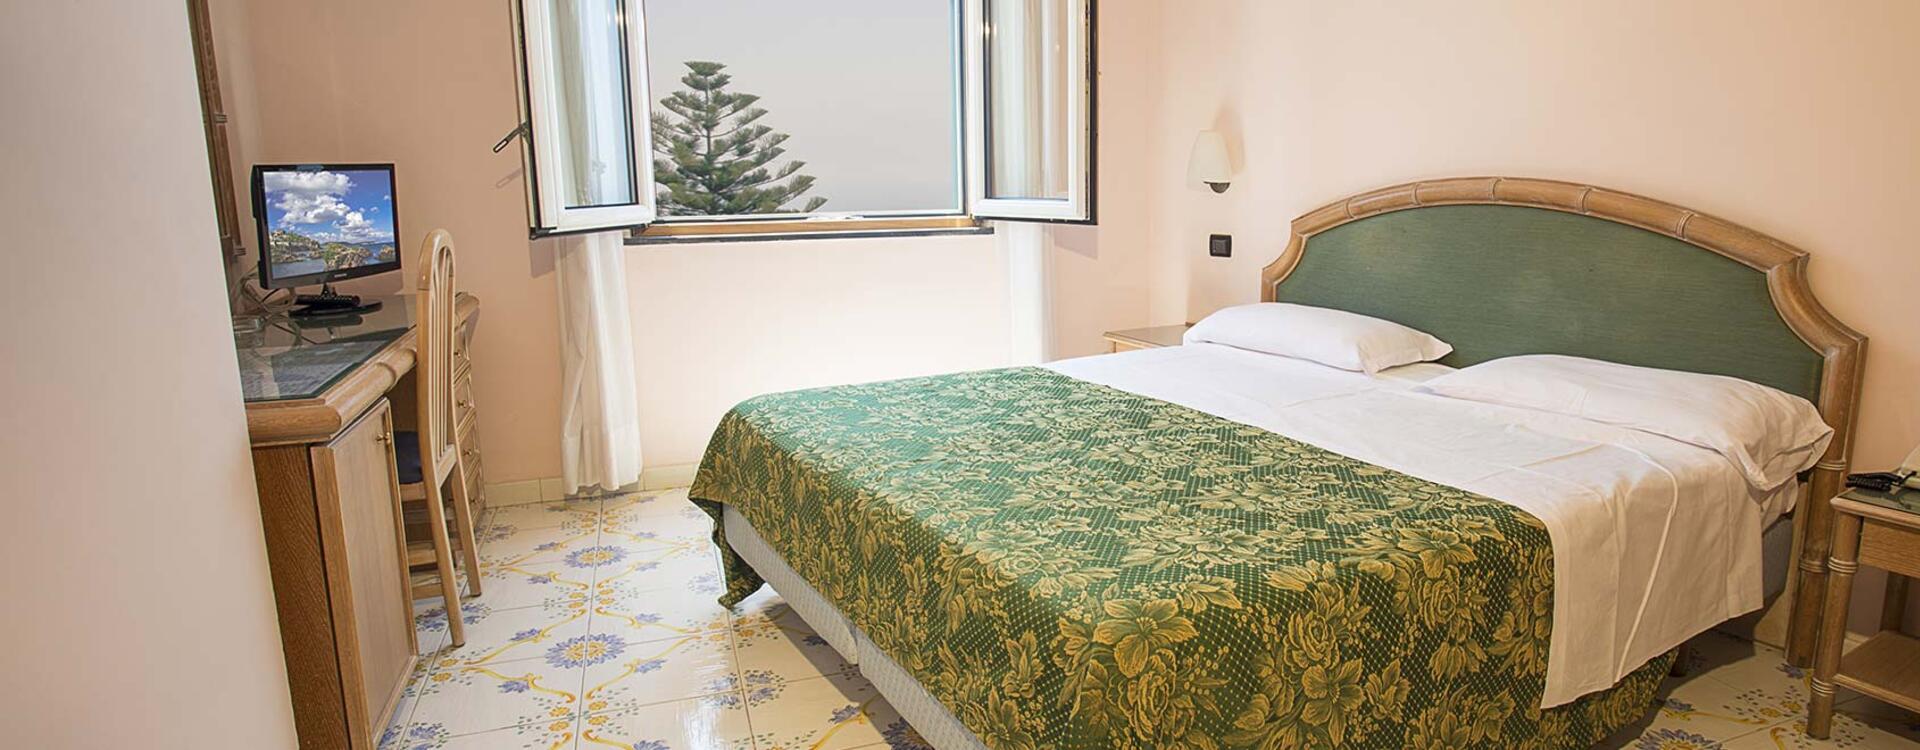 hotelsaintraphaelischia en hotel-rooms-ischia 010